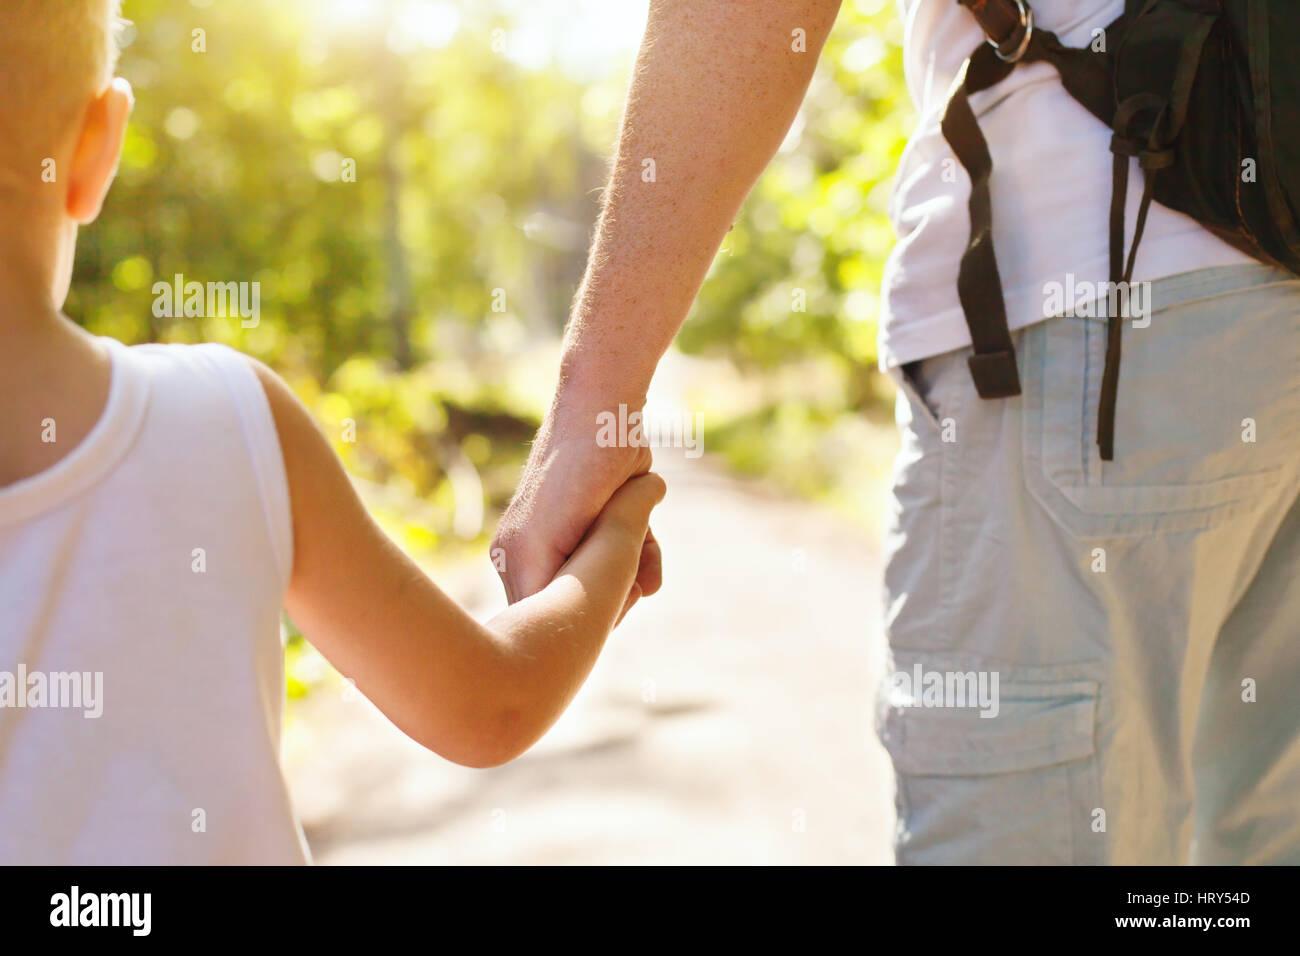 Kind an Hand der Erwachsenen Elternteil außerhalb im Sommerpark Stockbild